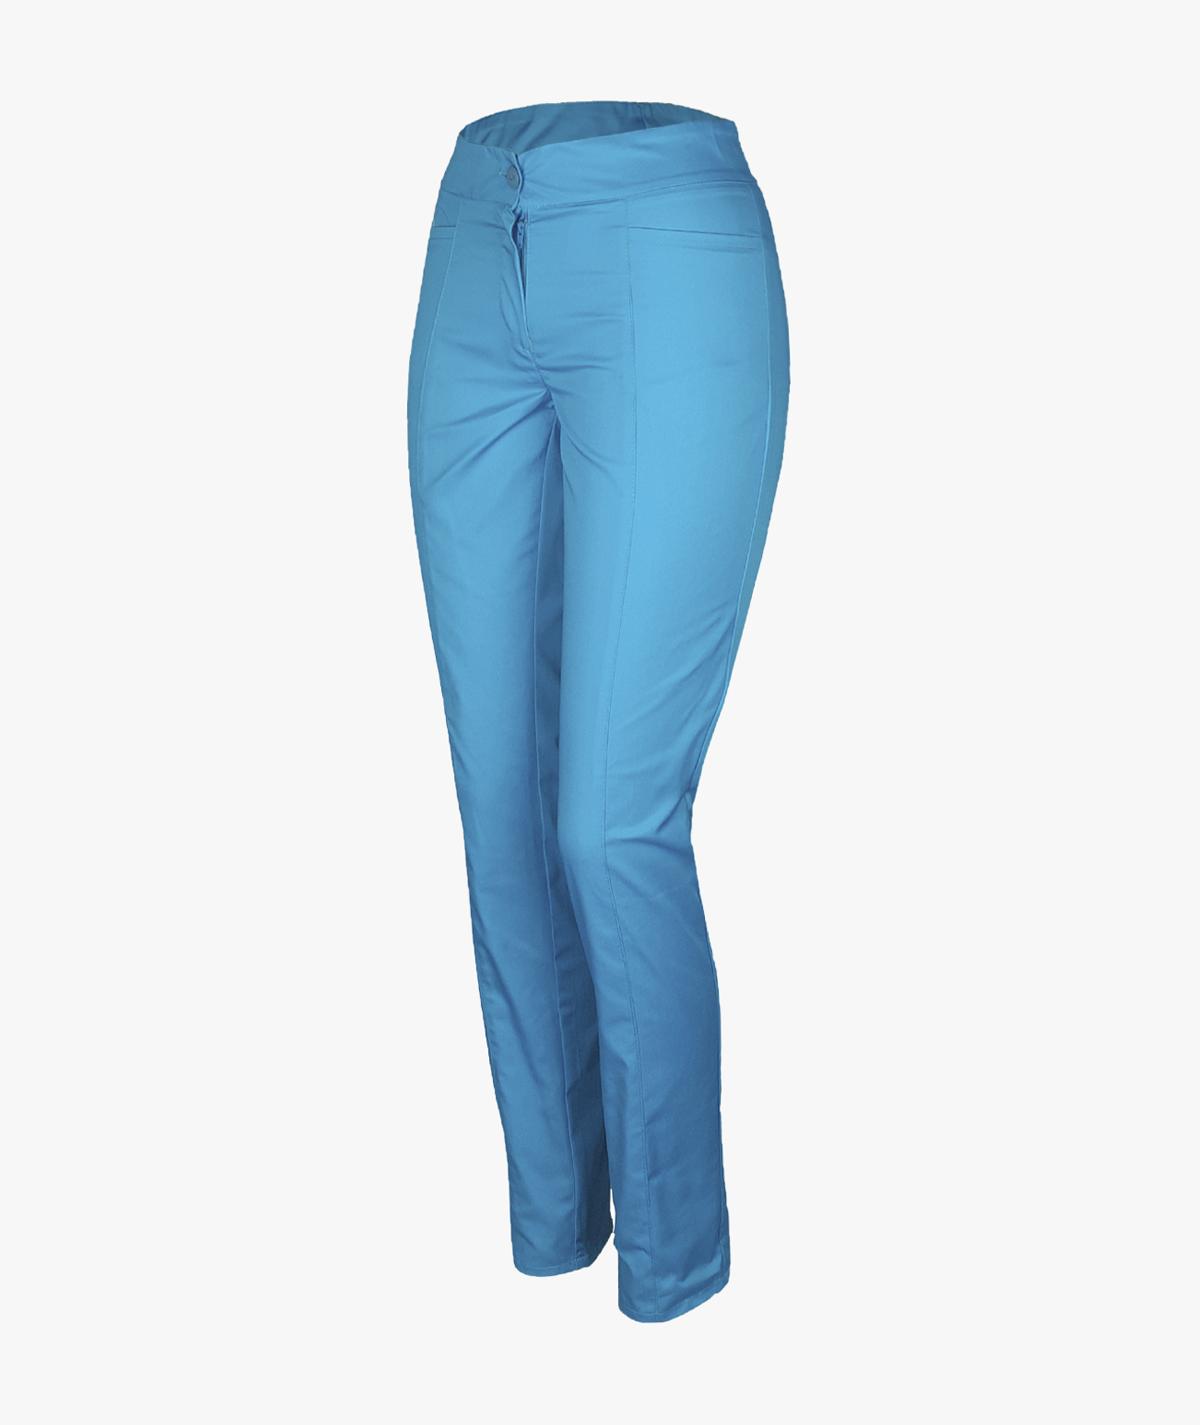 Turkusowe spodnie rurki medyczne damskie